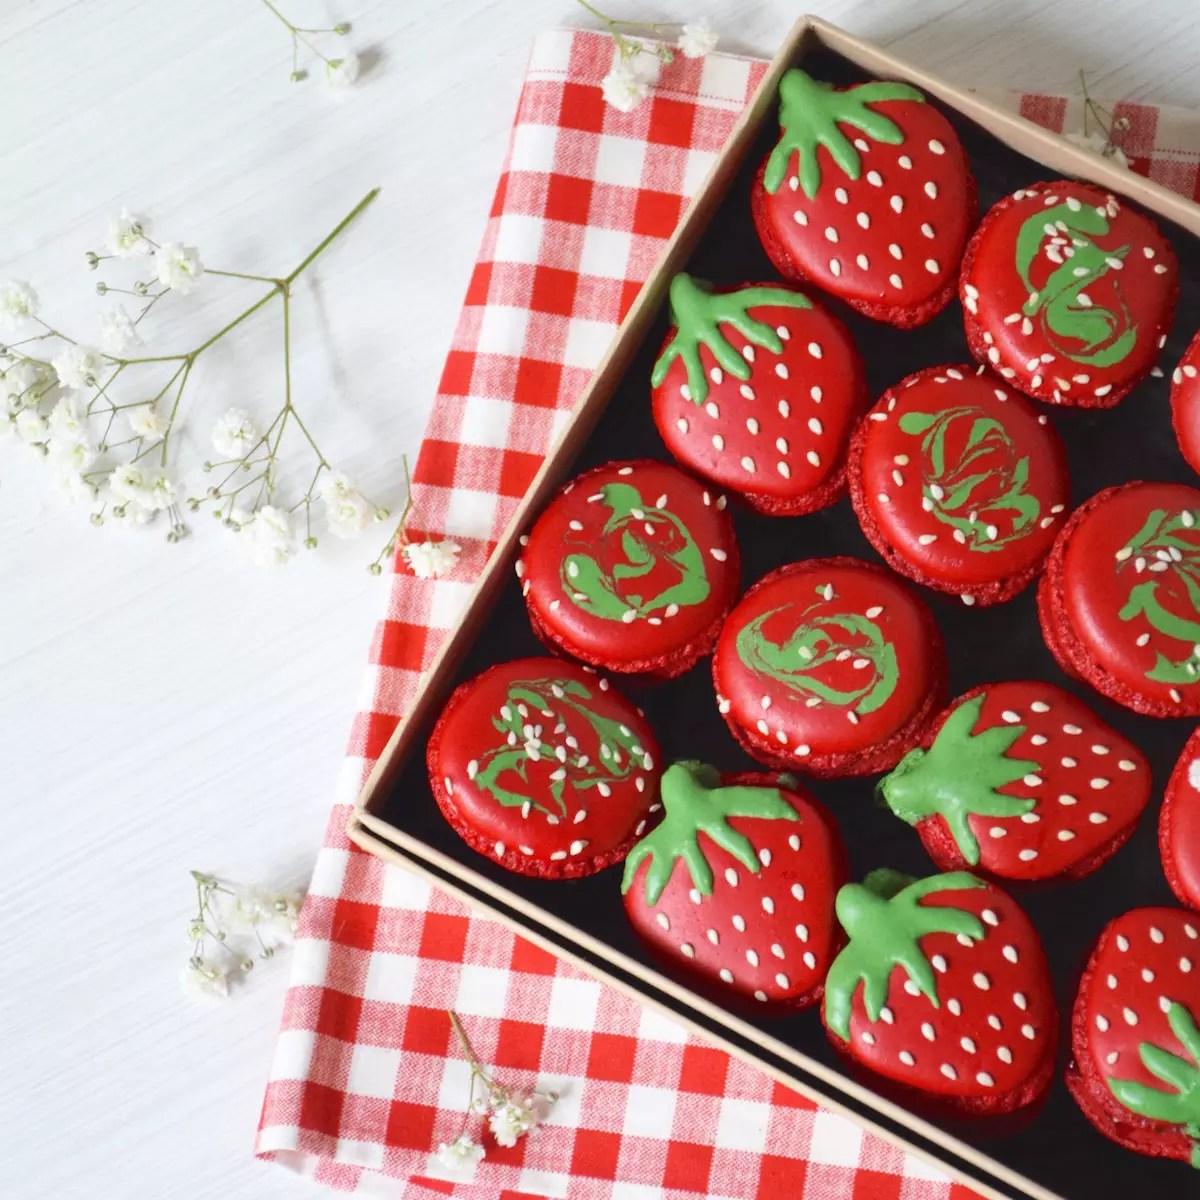 Macarons en forme de fraise